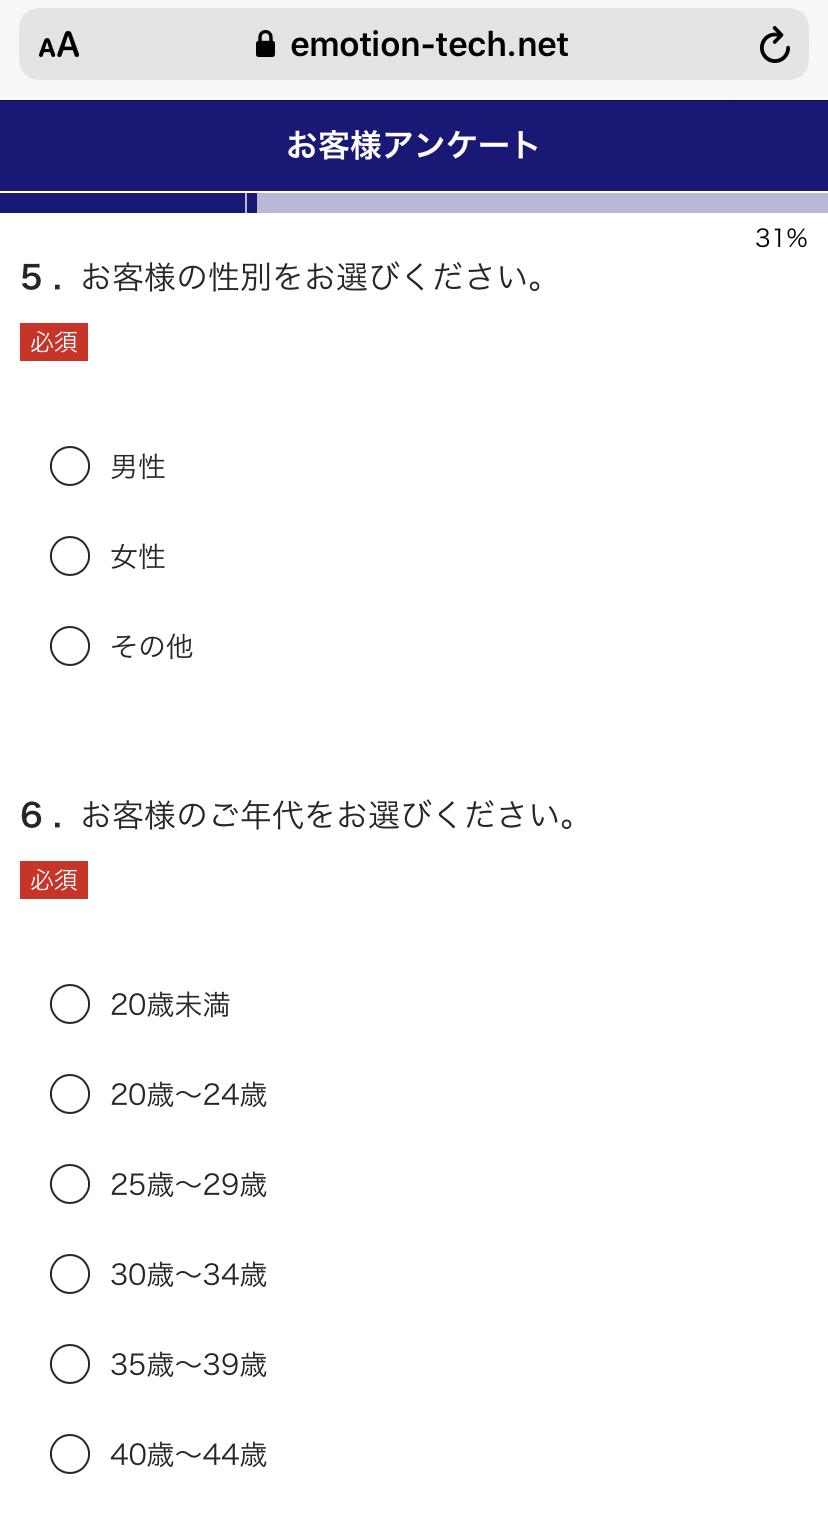 大戸屋webアンケート